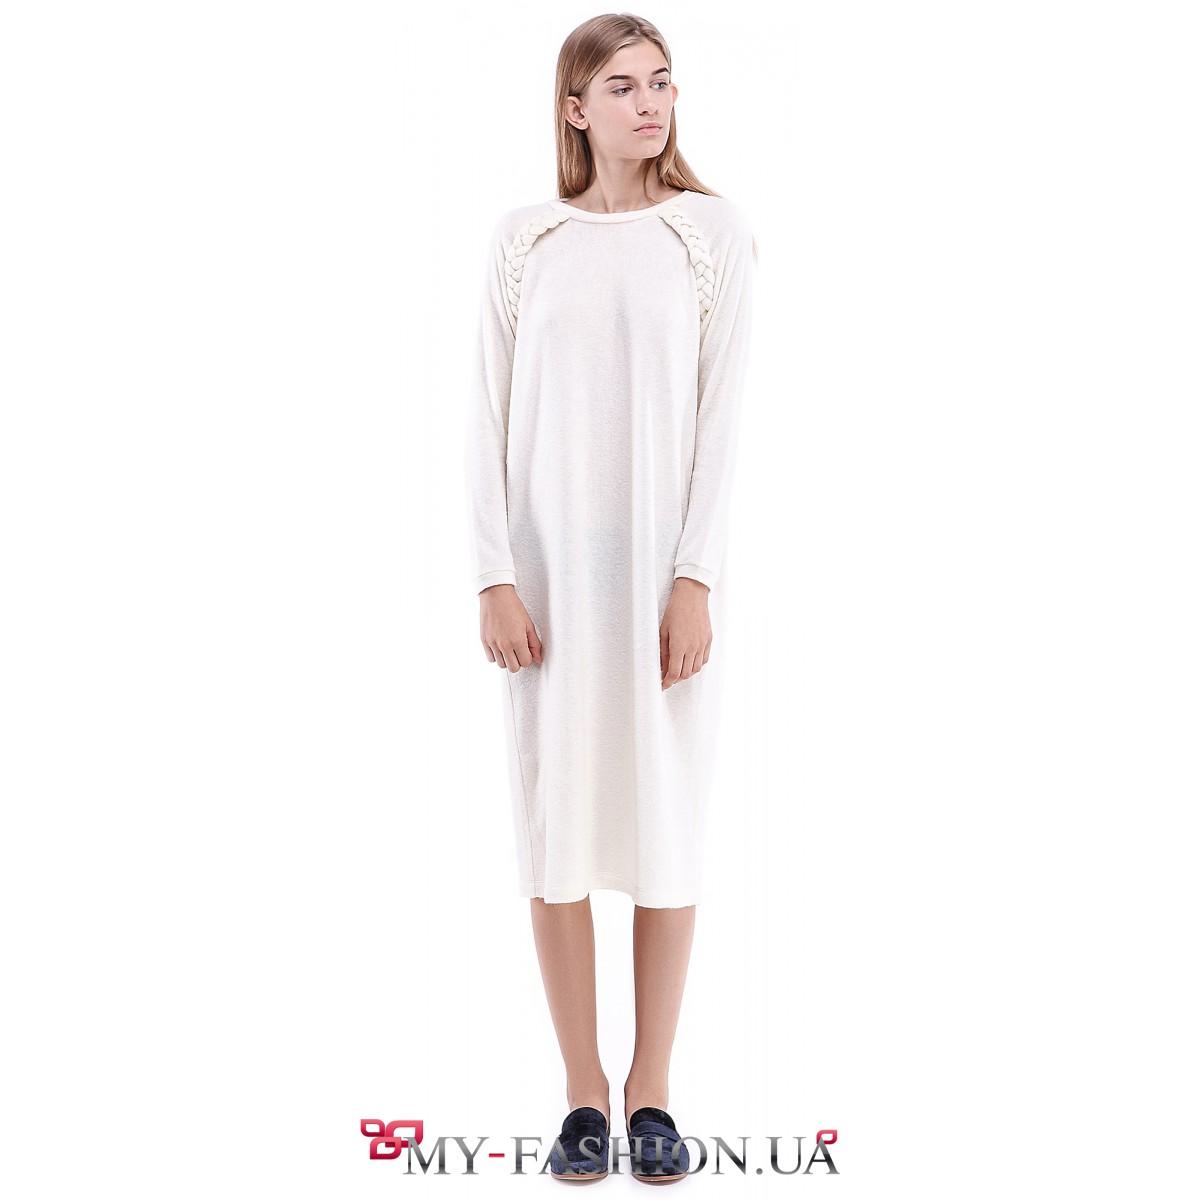 Платье реглан доставка